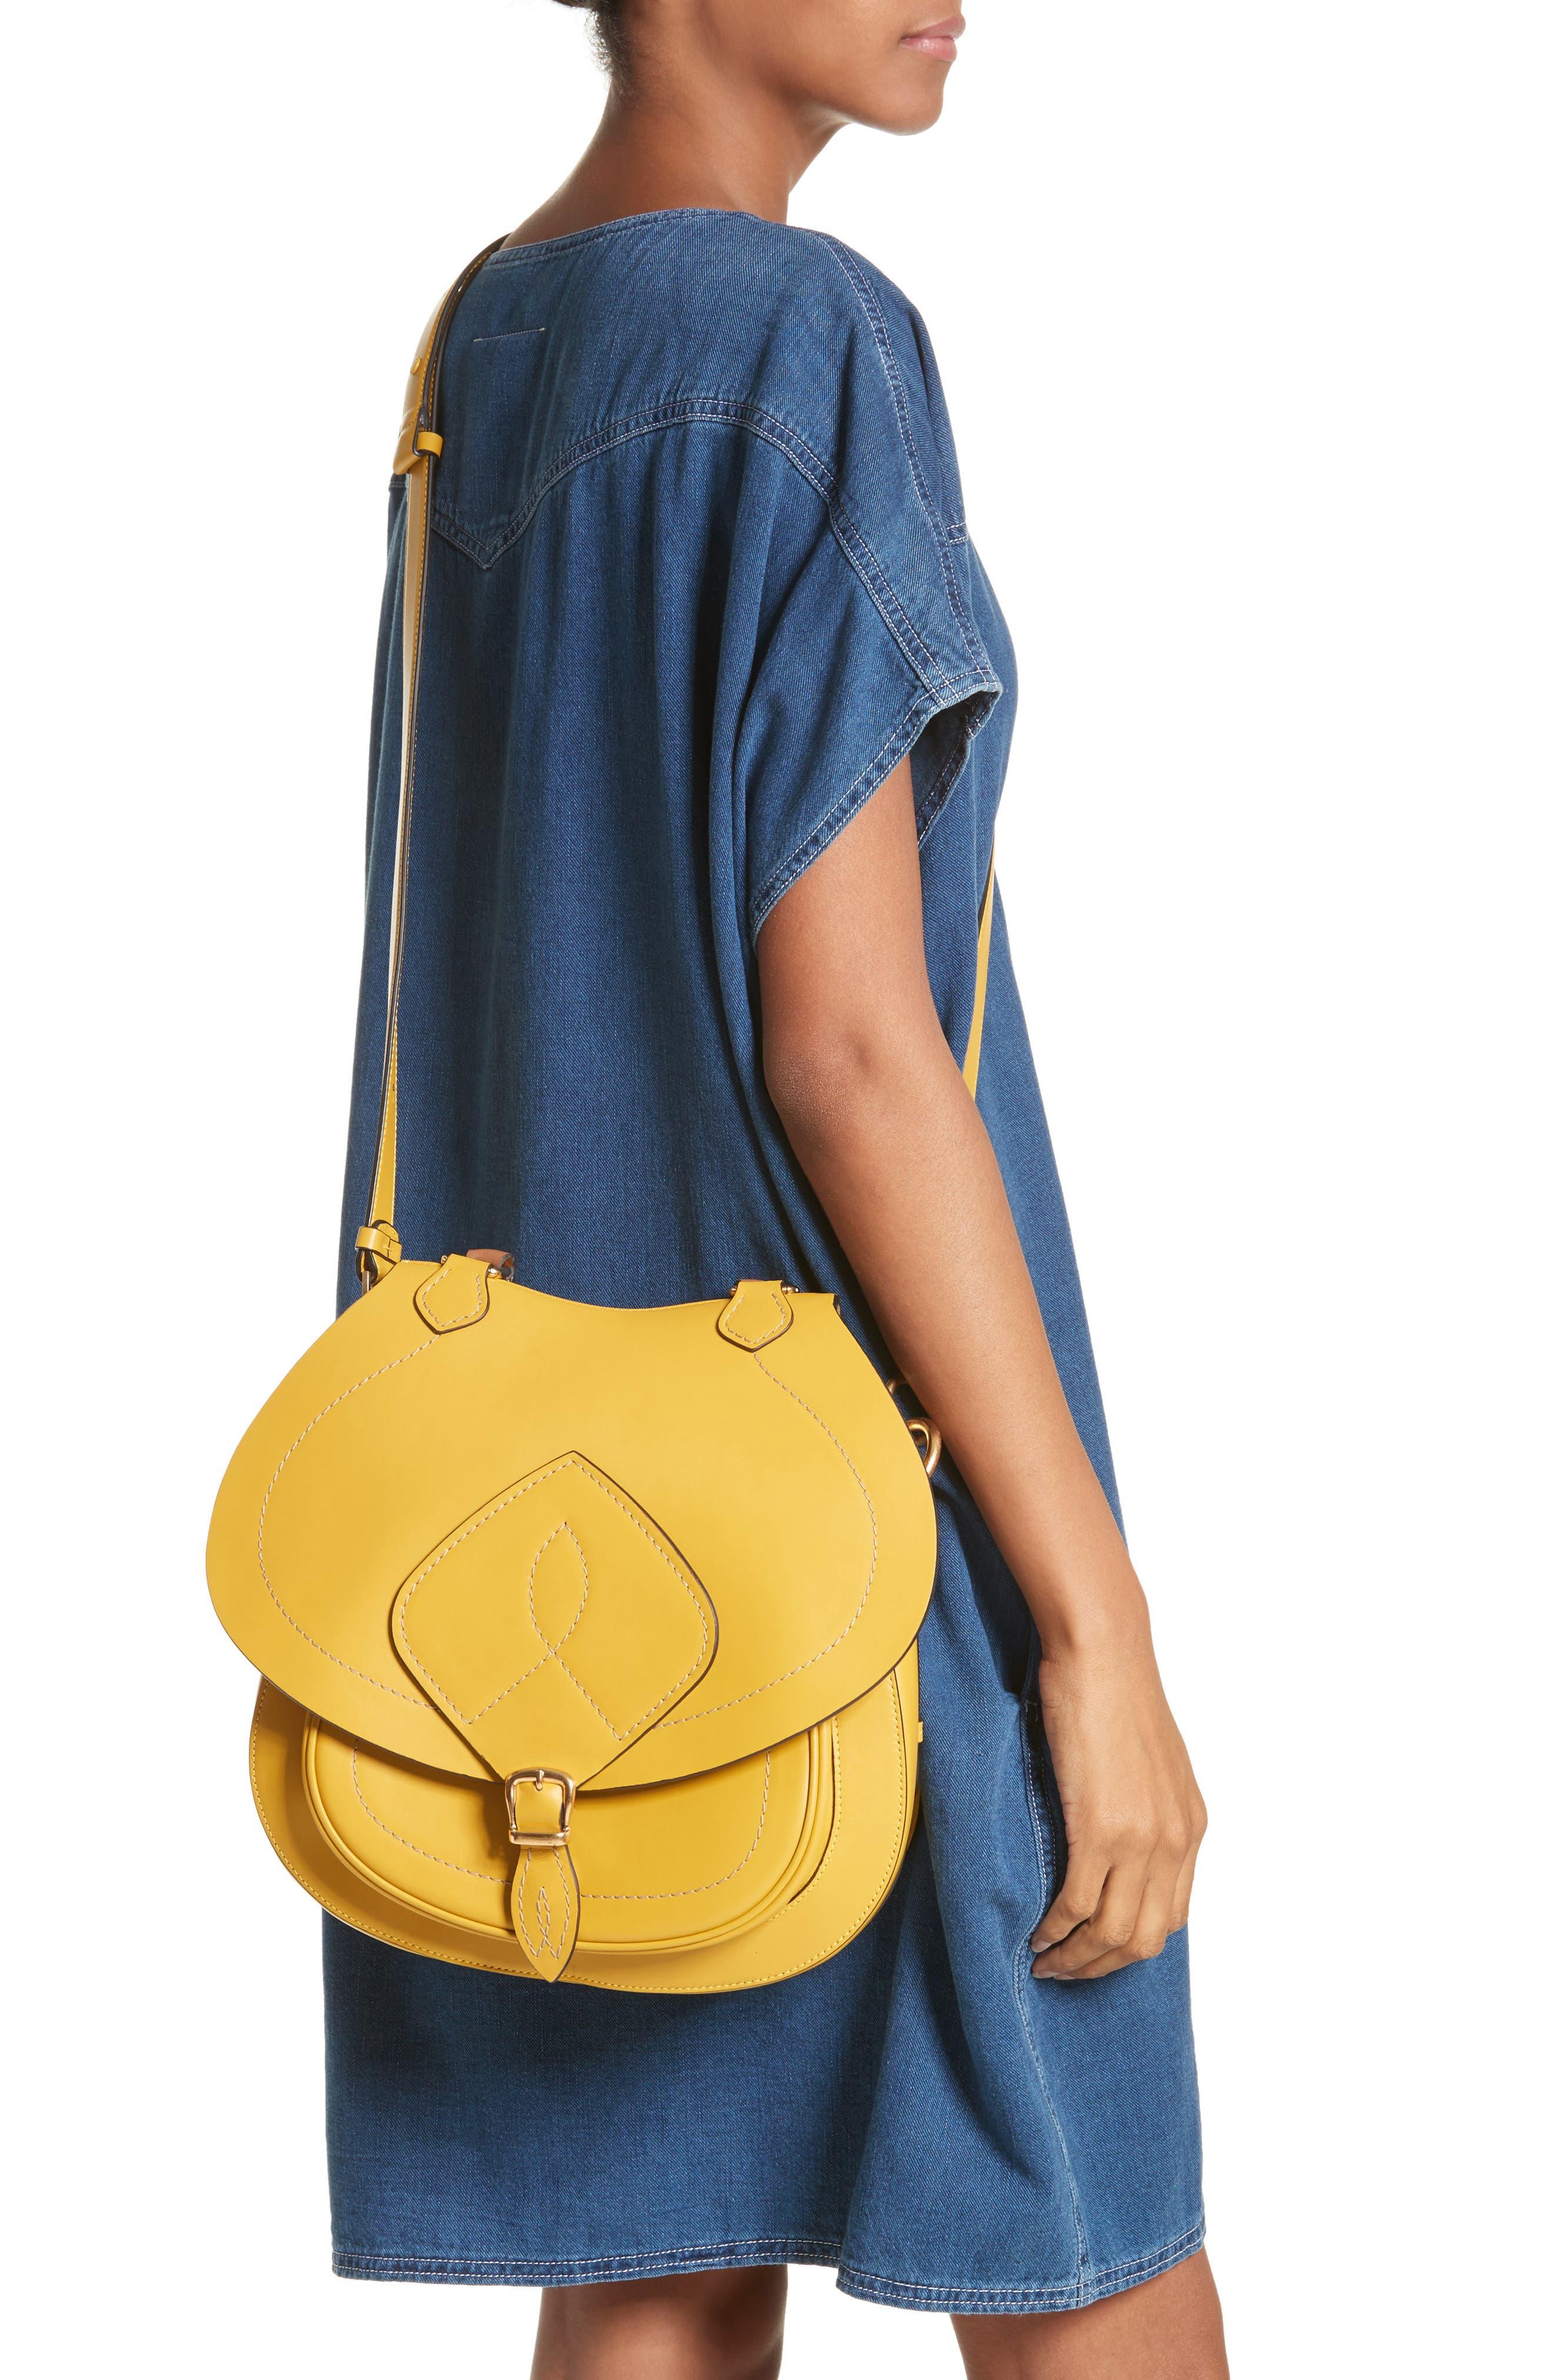 Alternate Image 2  - Maison Margiela Large Bag Slide Leather Saddle Bag